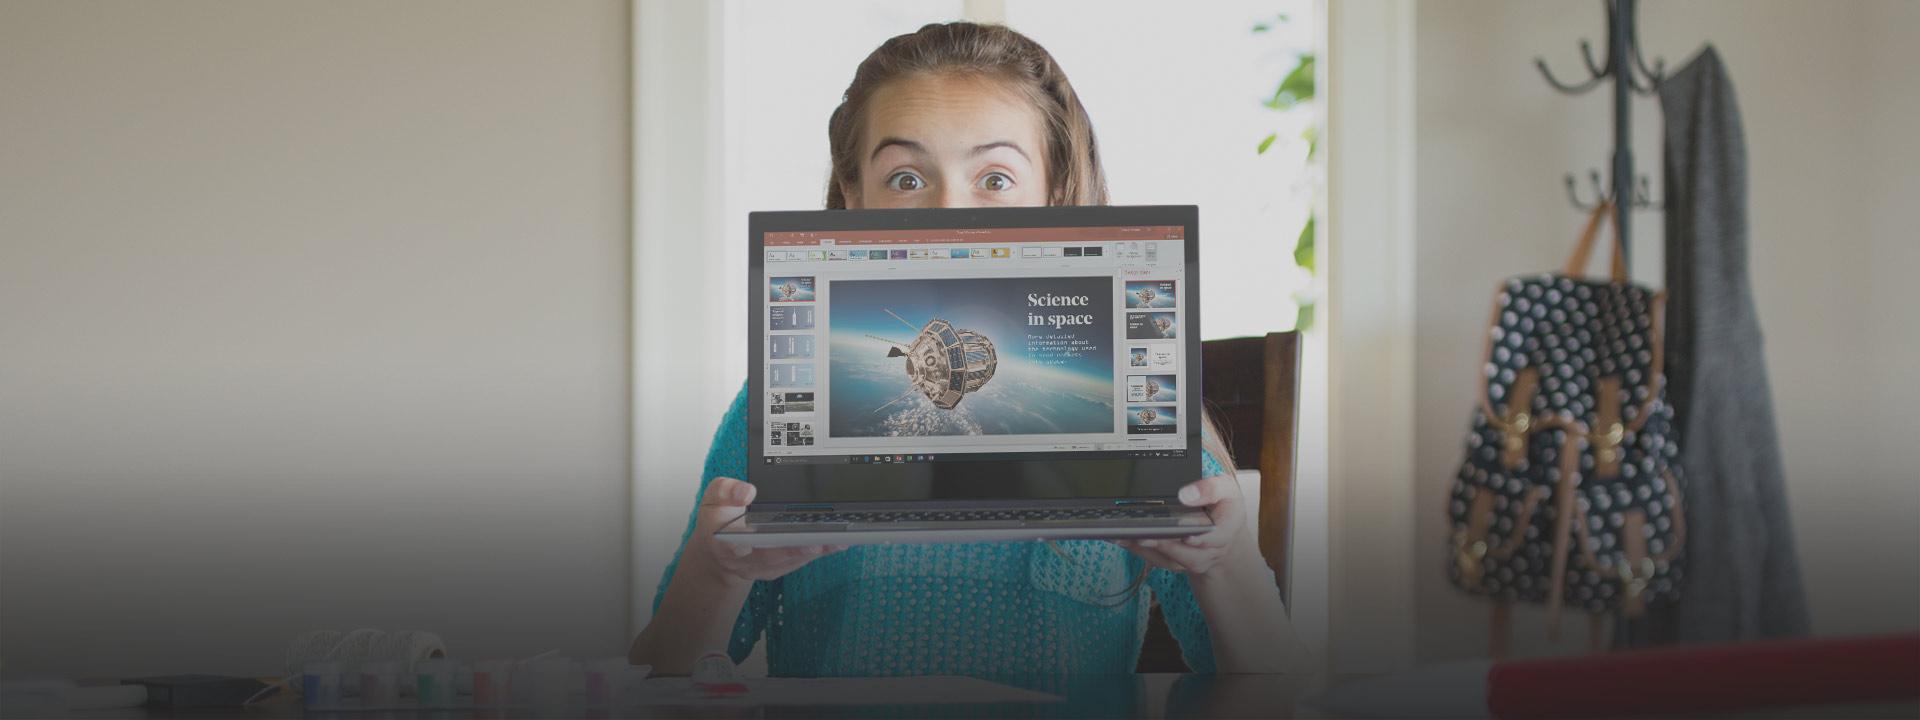 พีซี, เรียนรู้เกี่ยวกับ Office 365